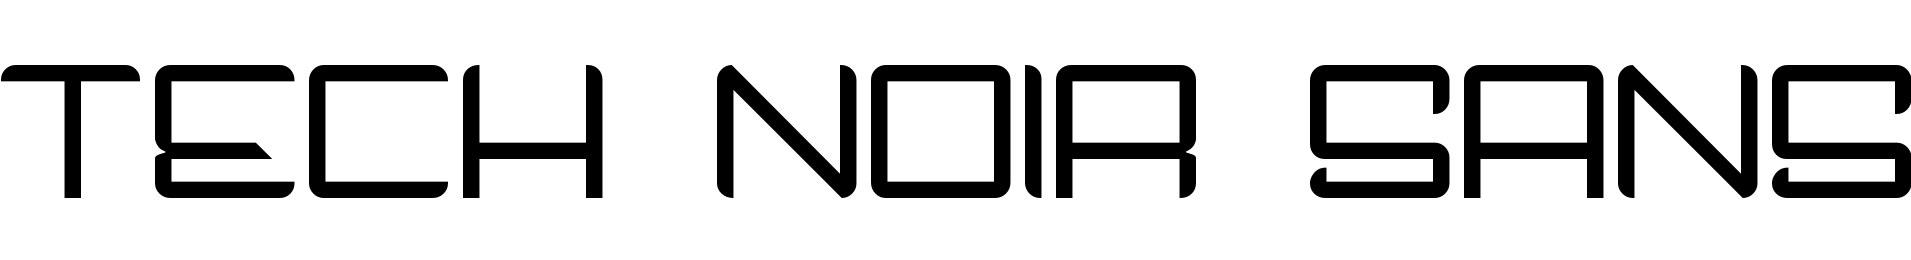 Tech Noir Sans